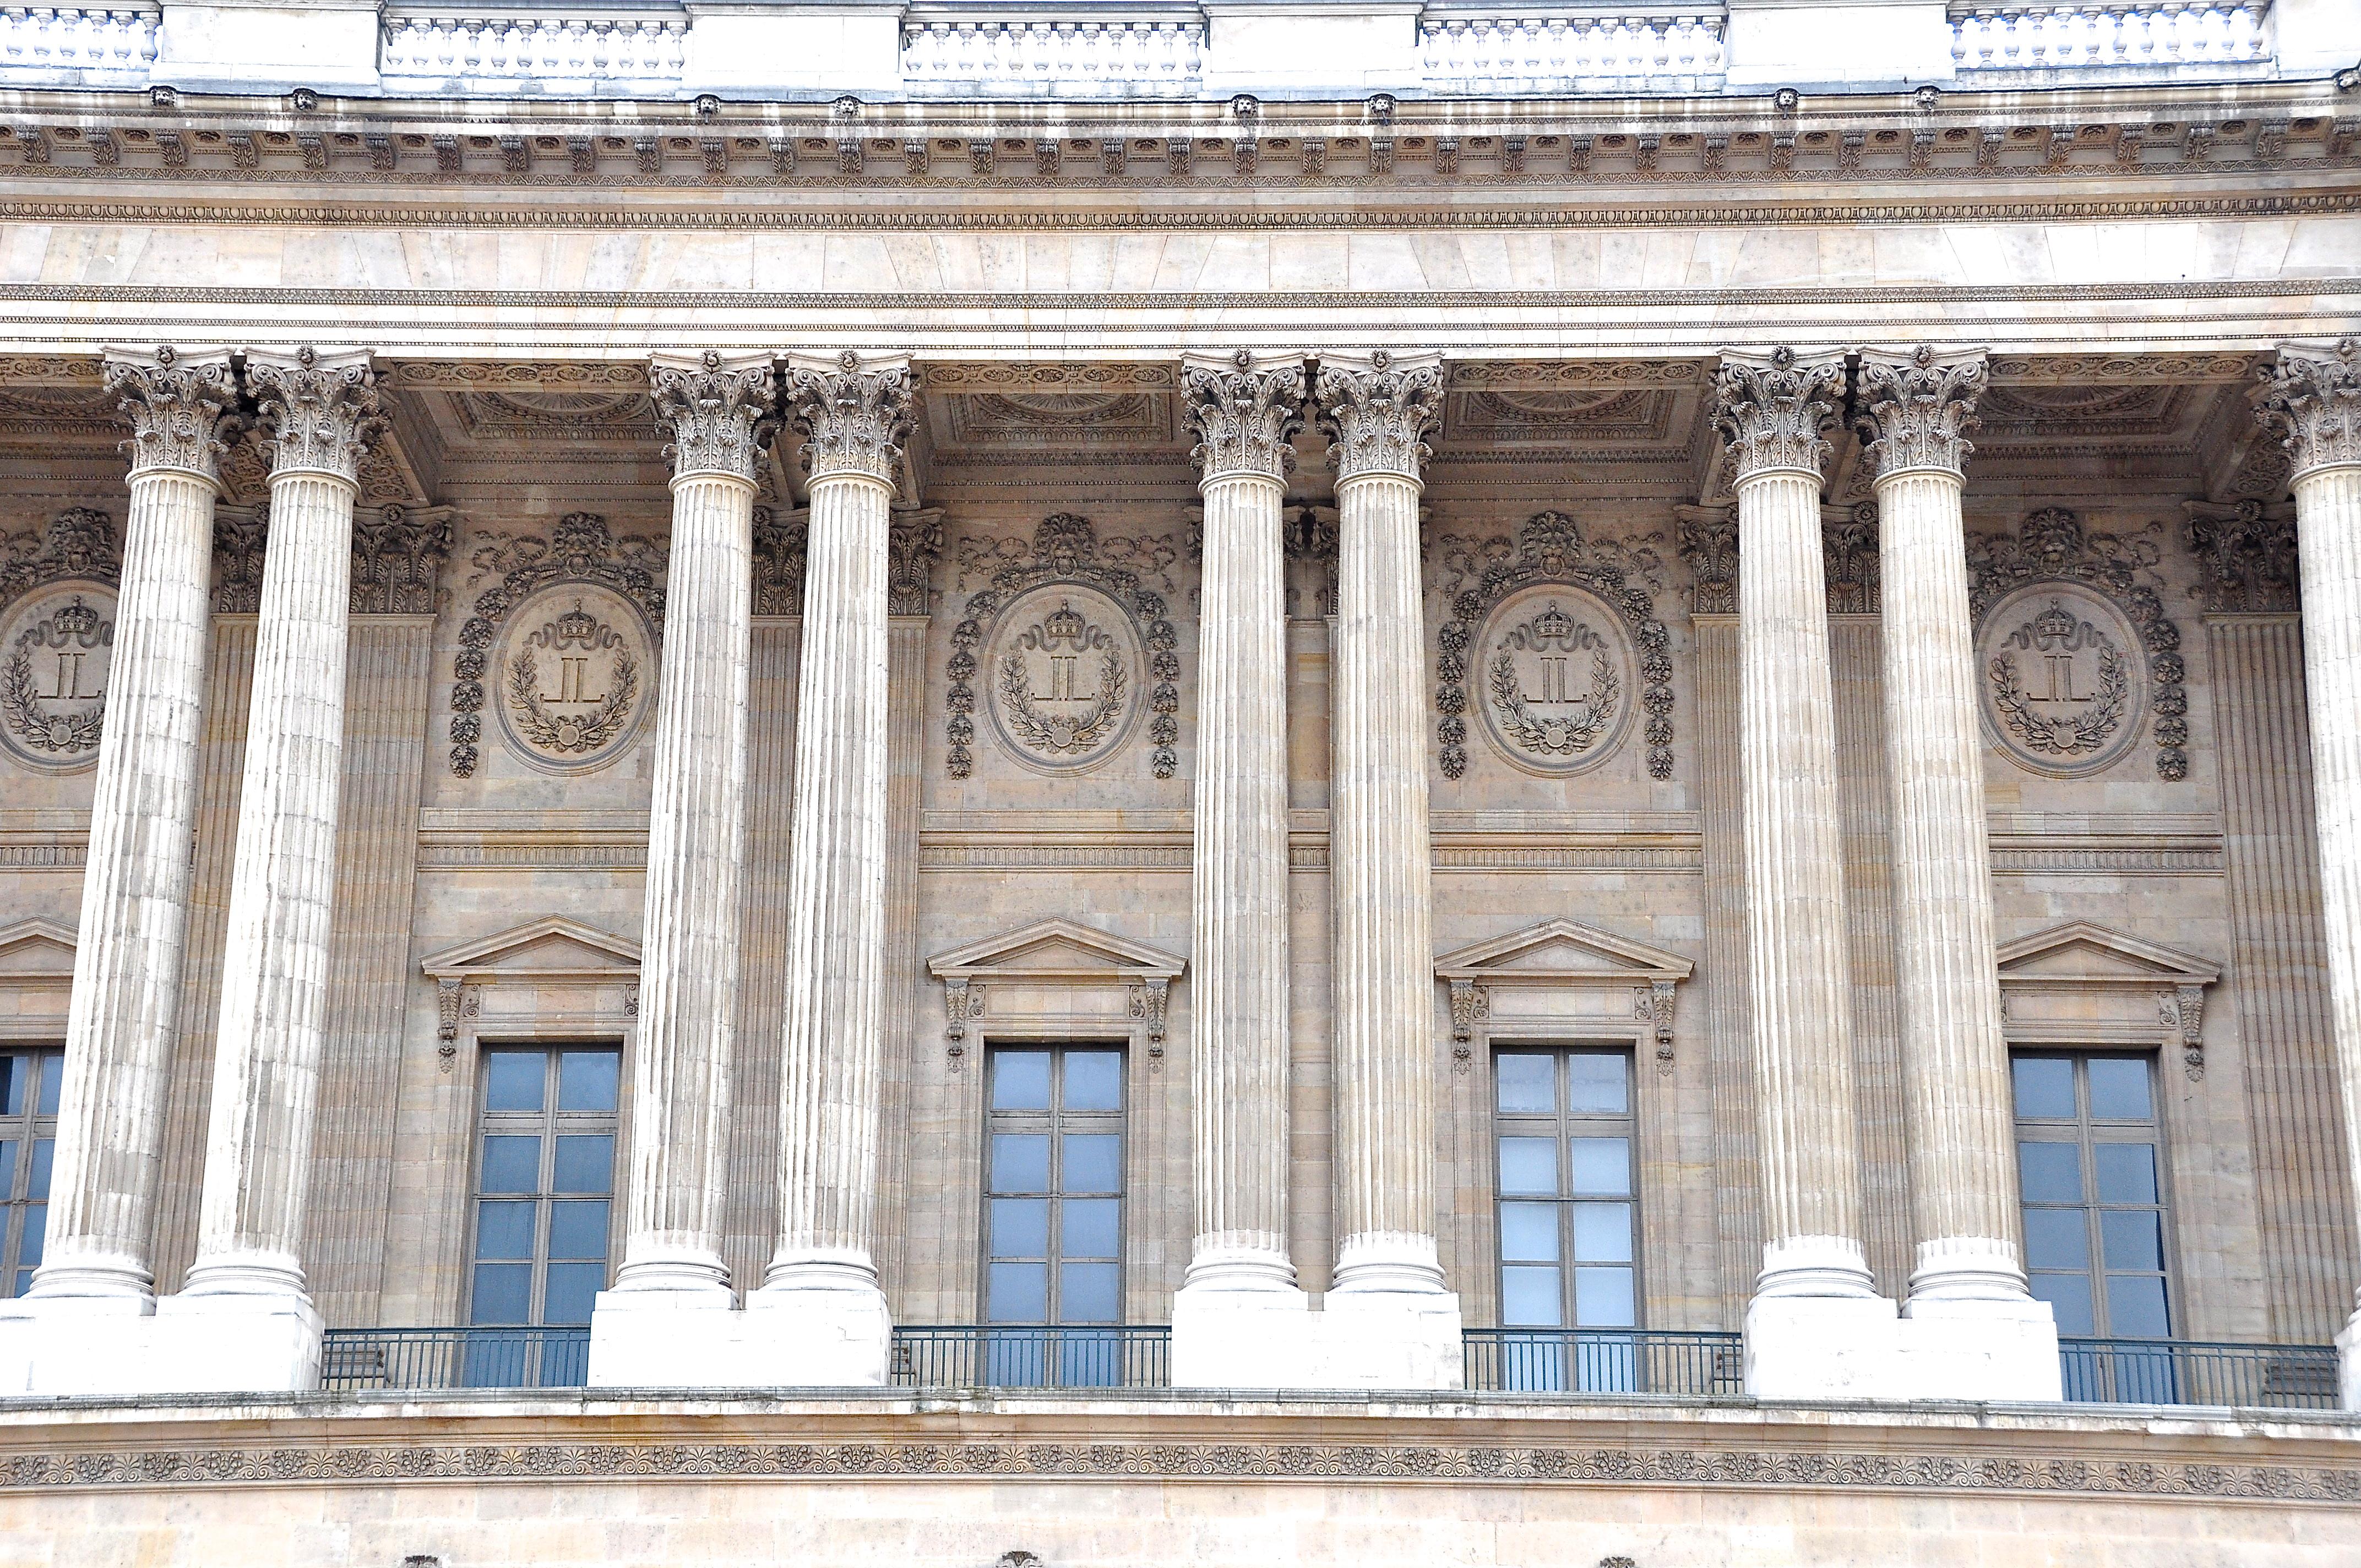 Colonnade de Perrault, façade orientale du Louvre, Paris